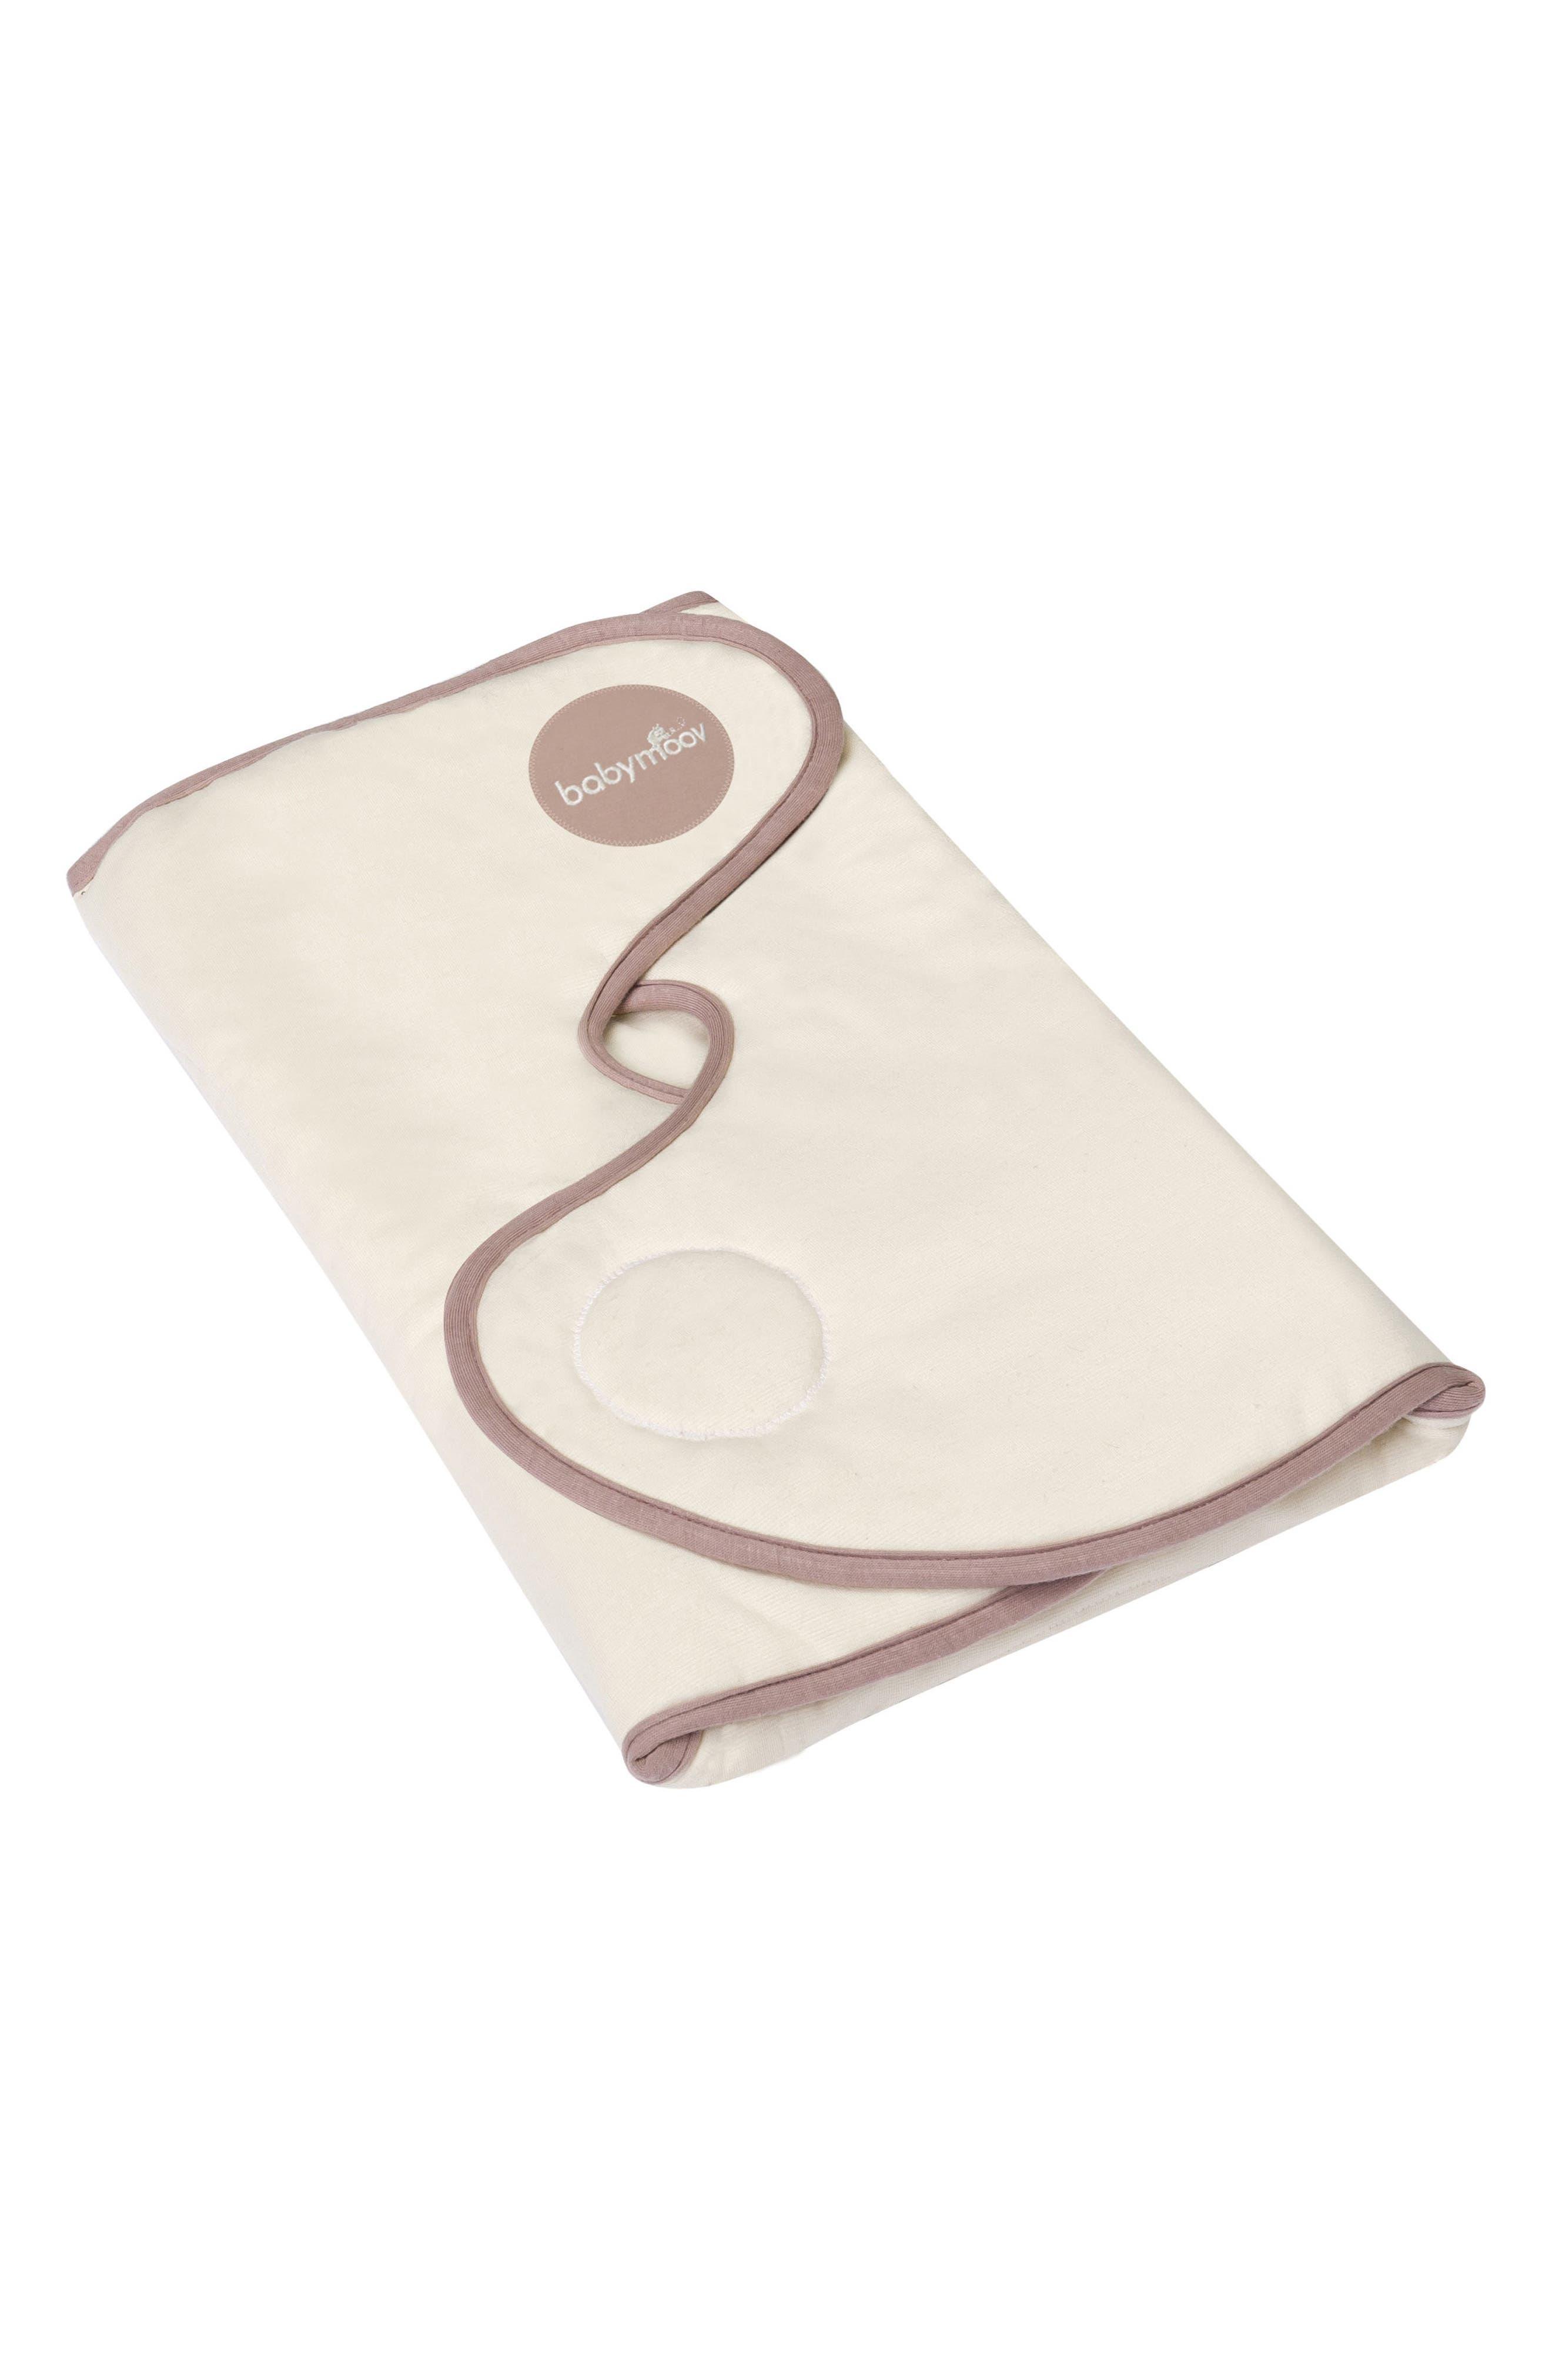 Main Image - Babymoov CozyCover Swaddle Wrap Blanket